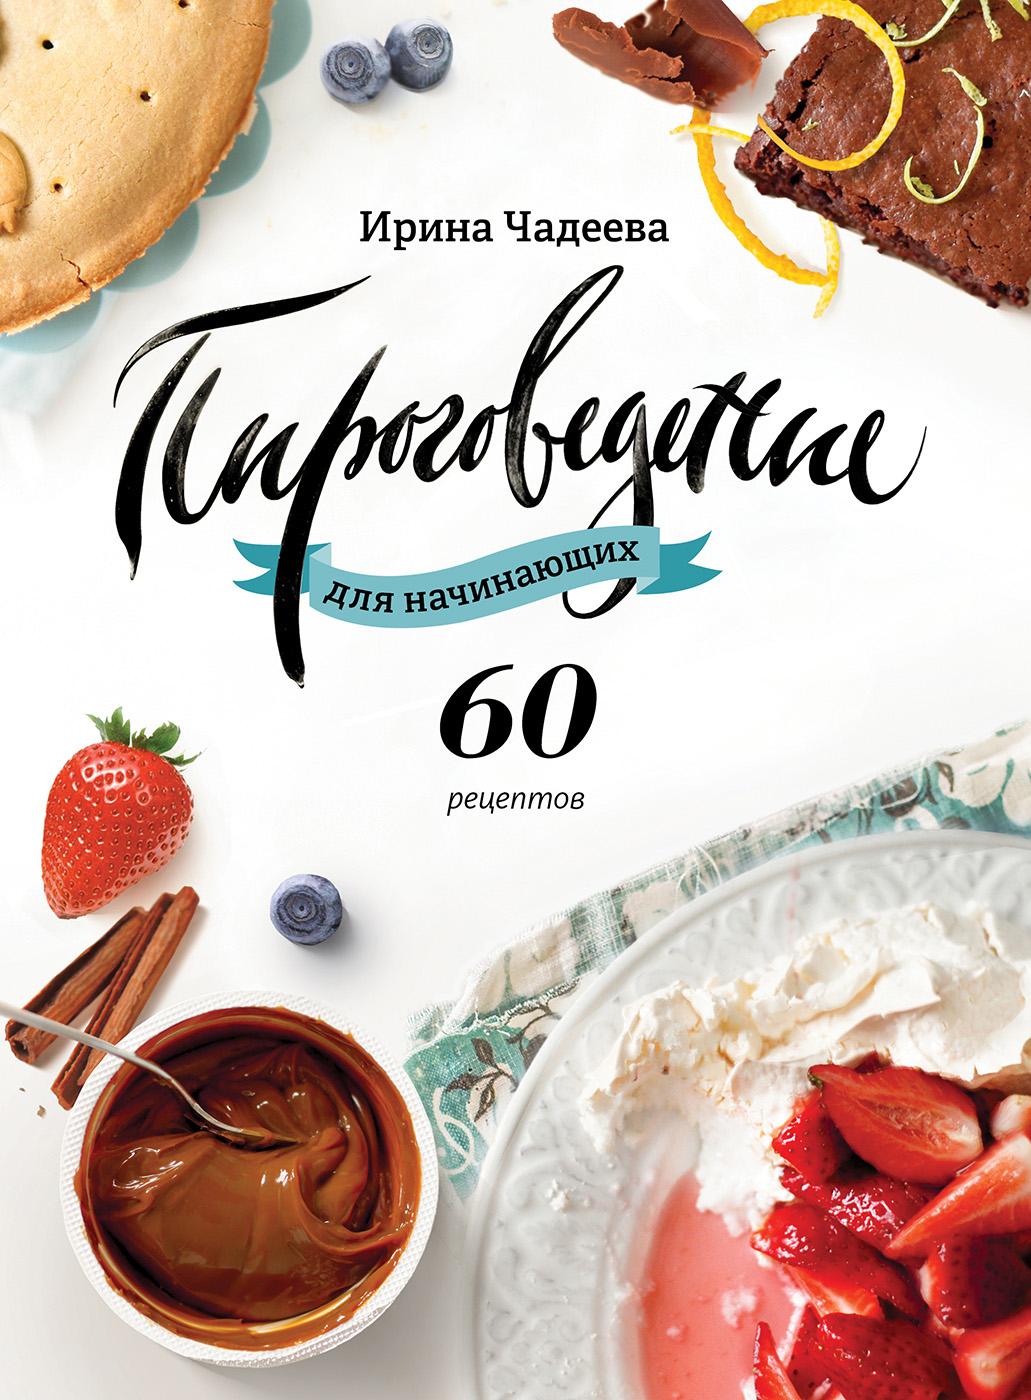 Пироговедение для начинающих. 60 рецептов